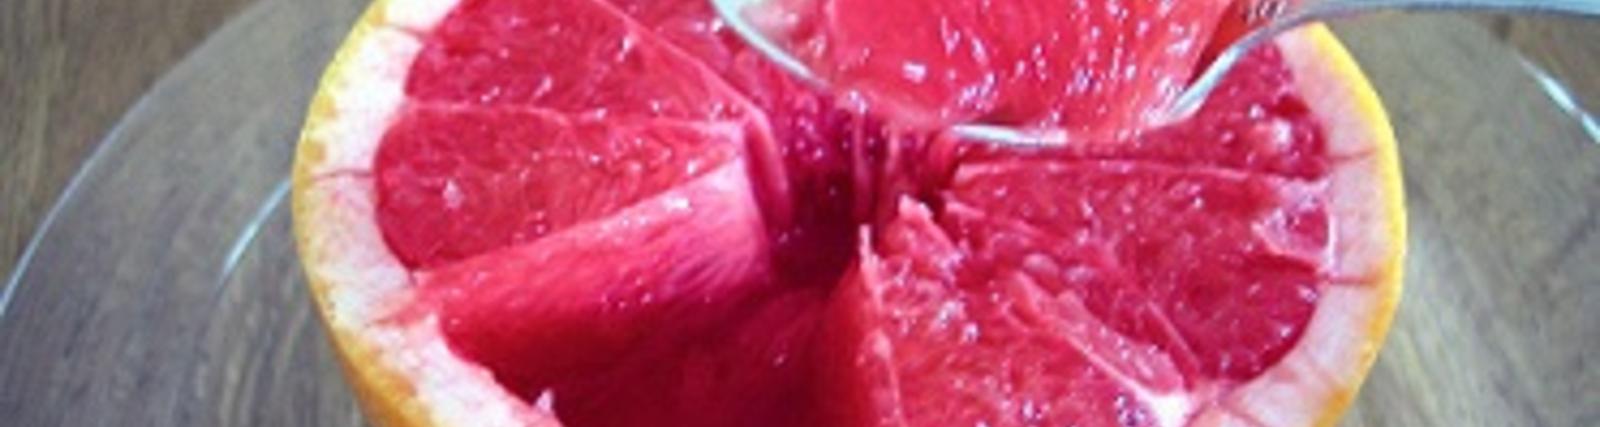 Grapefruitkern - Extrakt